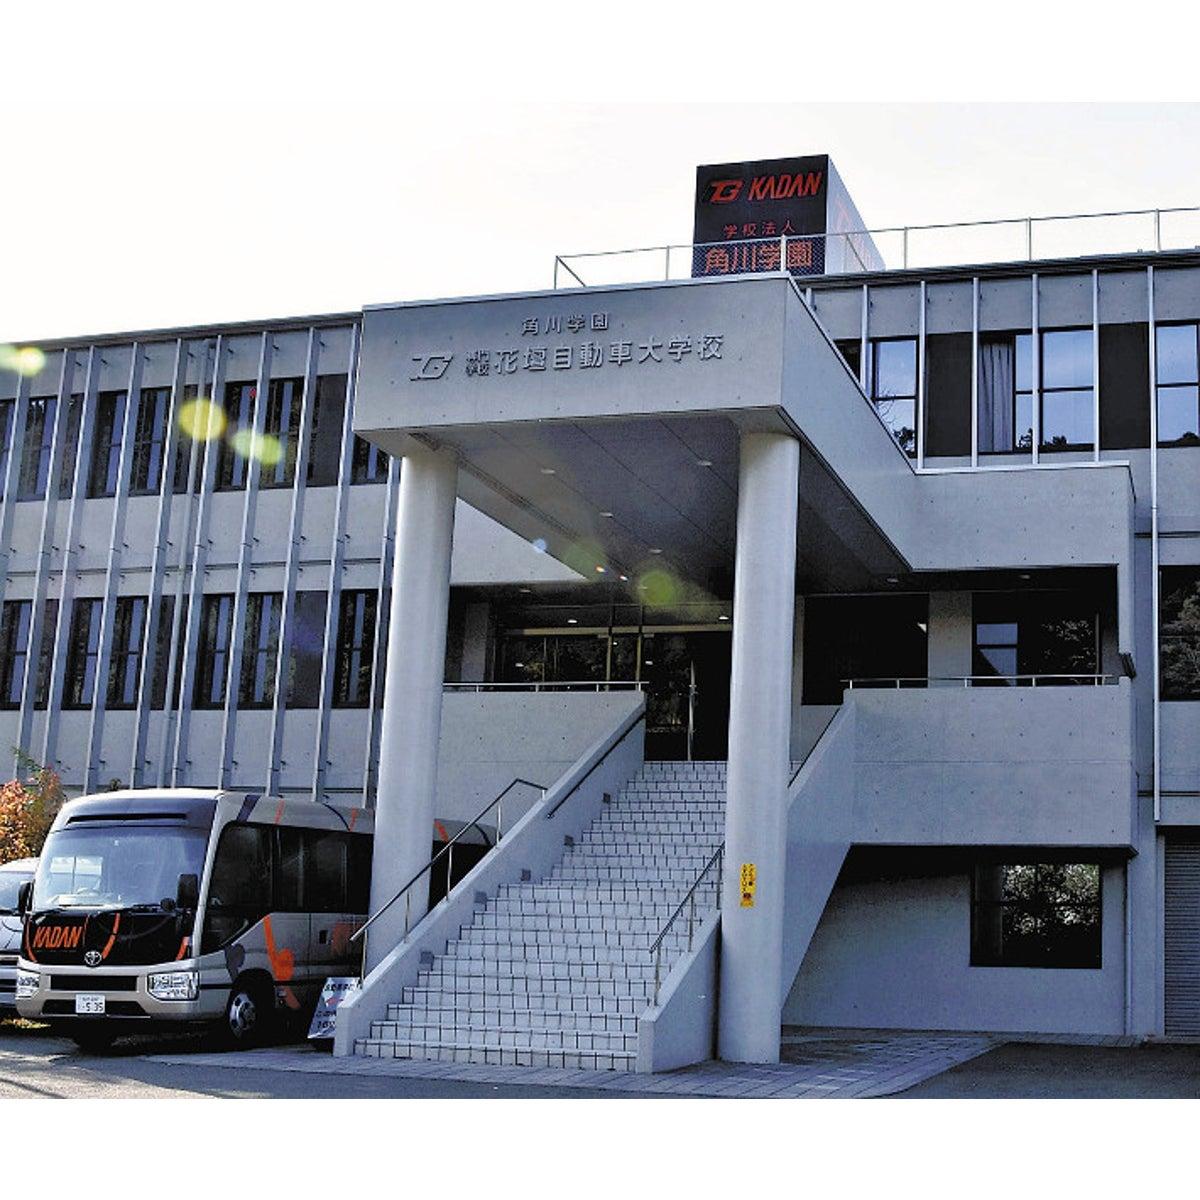 コロナ 仙台 専門 学校